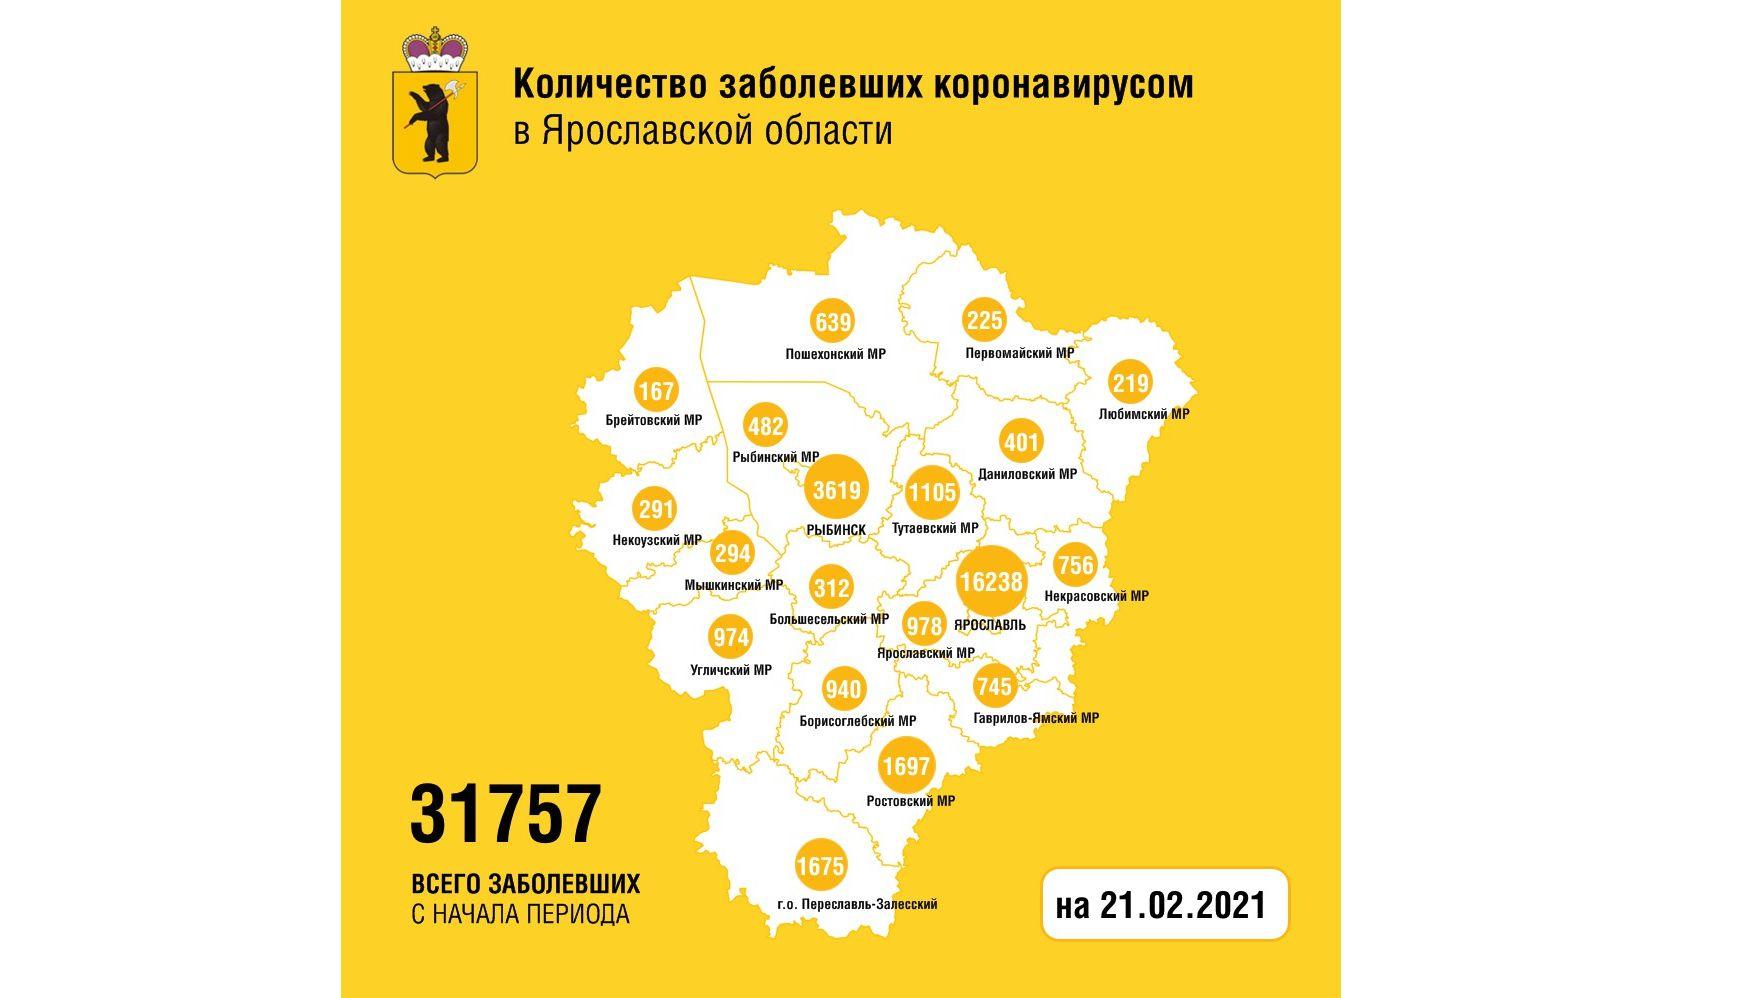 В Ярославской области коронавирусом заболели еще 160 человек, трое скончались